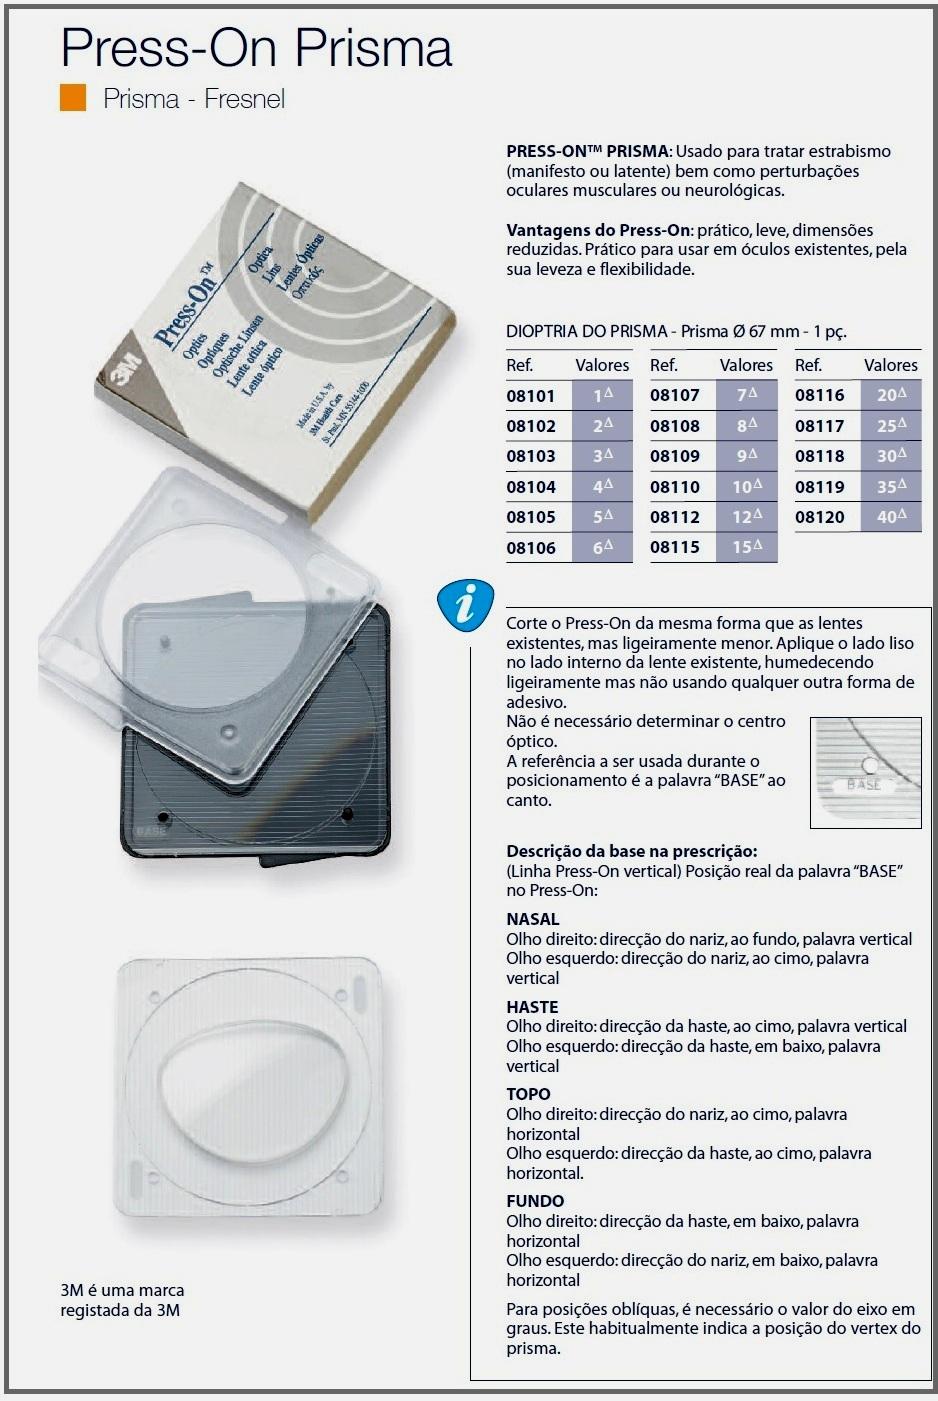 0208120 - CorreçãoVisual 02 Press-On Prisma 40 Mod 8120 FLAG O  -Contém 1 Peça